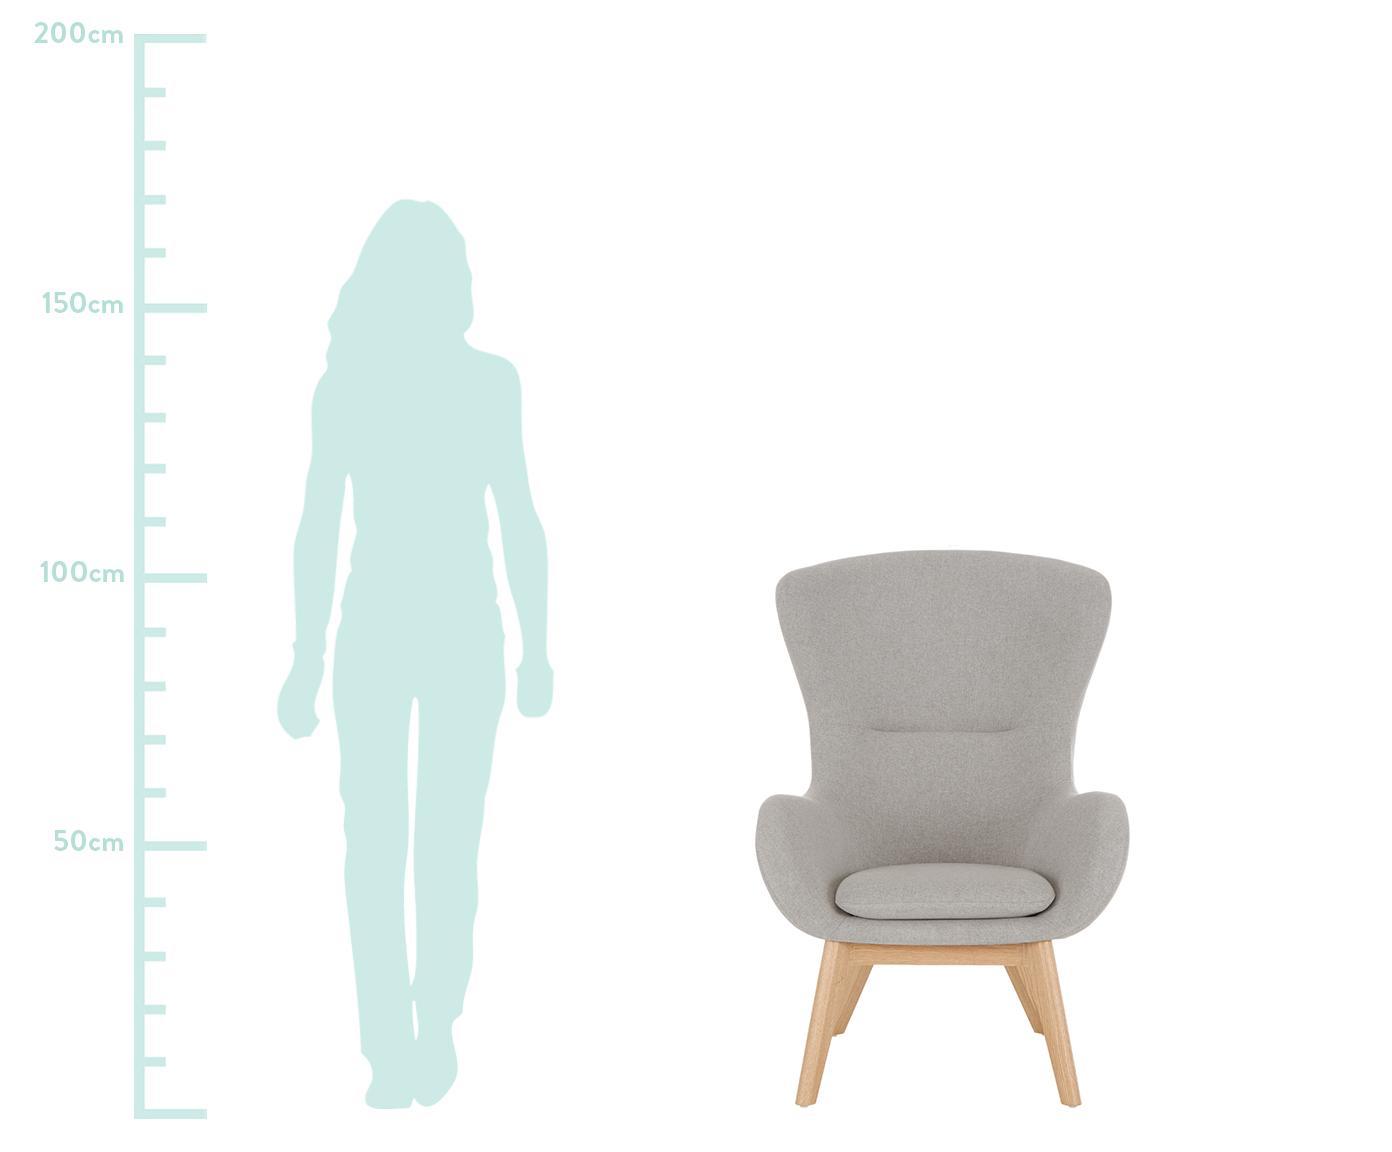 Ohrensessel Wing in Grau, Bezug: Polyester 40.000 Scheuert, Füße: Massivholz mit Eschenfurn, Grau, 77 x 106 cm